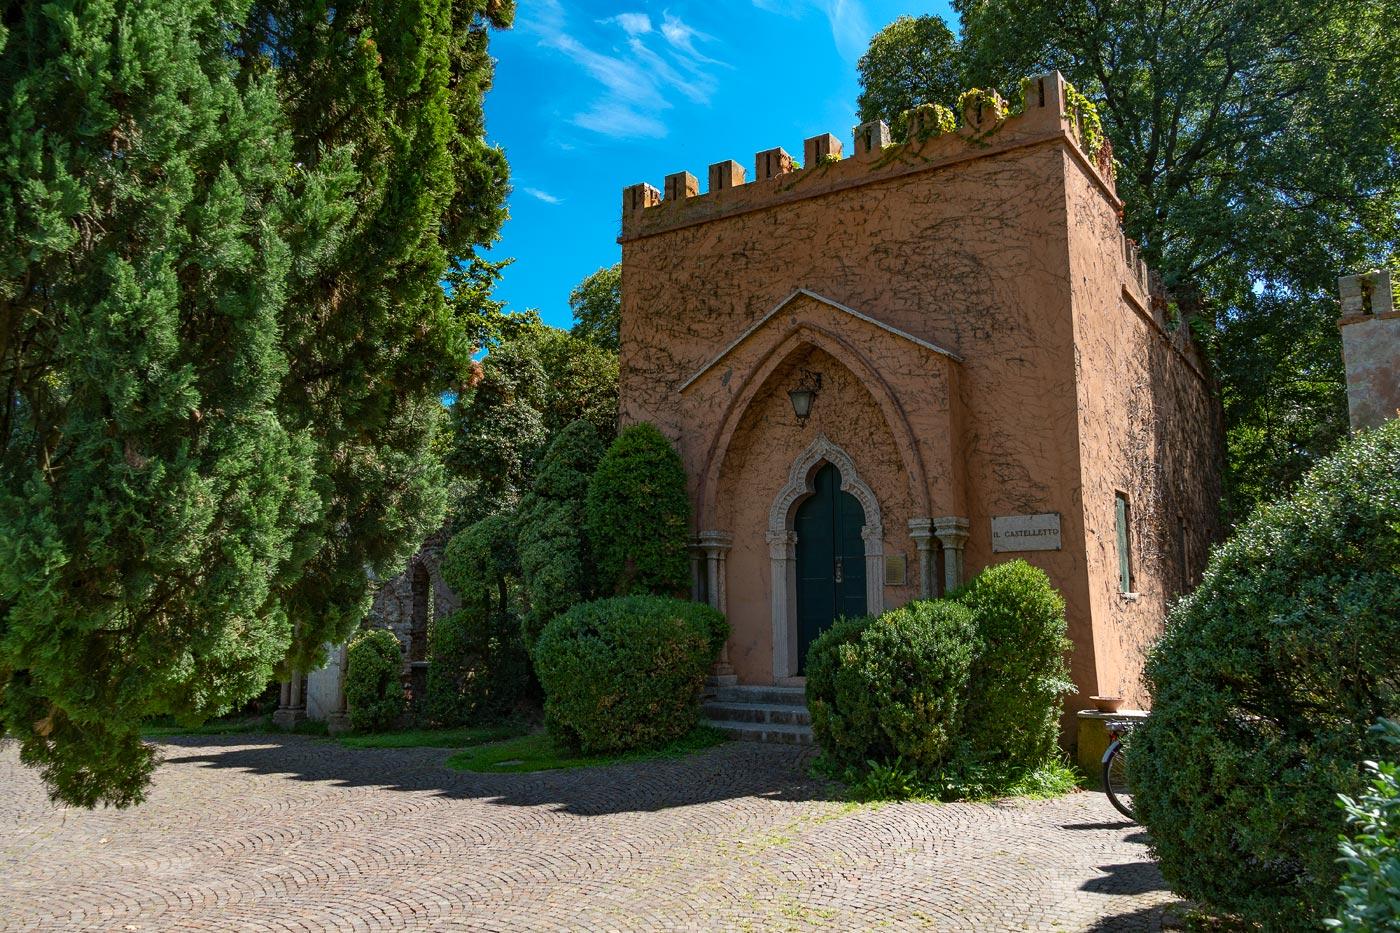 Парк Сигурта, Валеджо-суль-Минчо, Италия